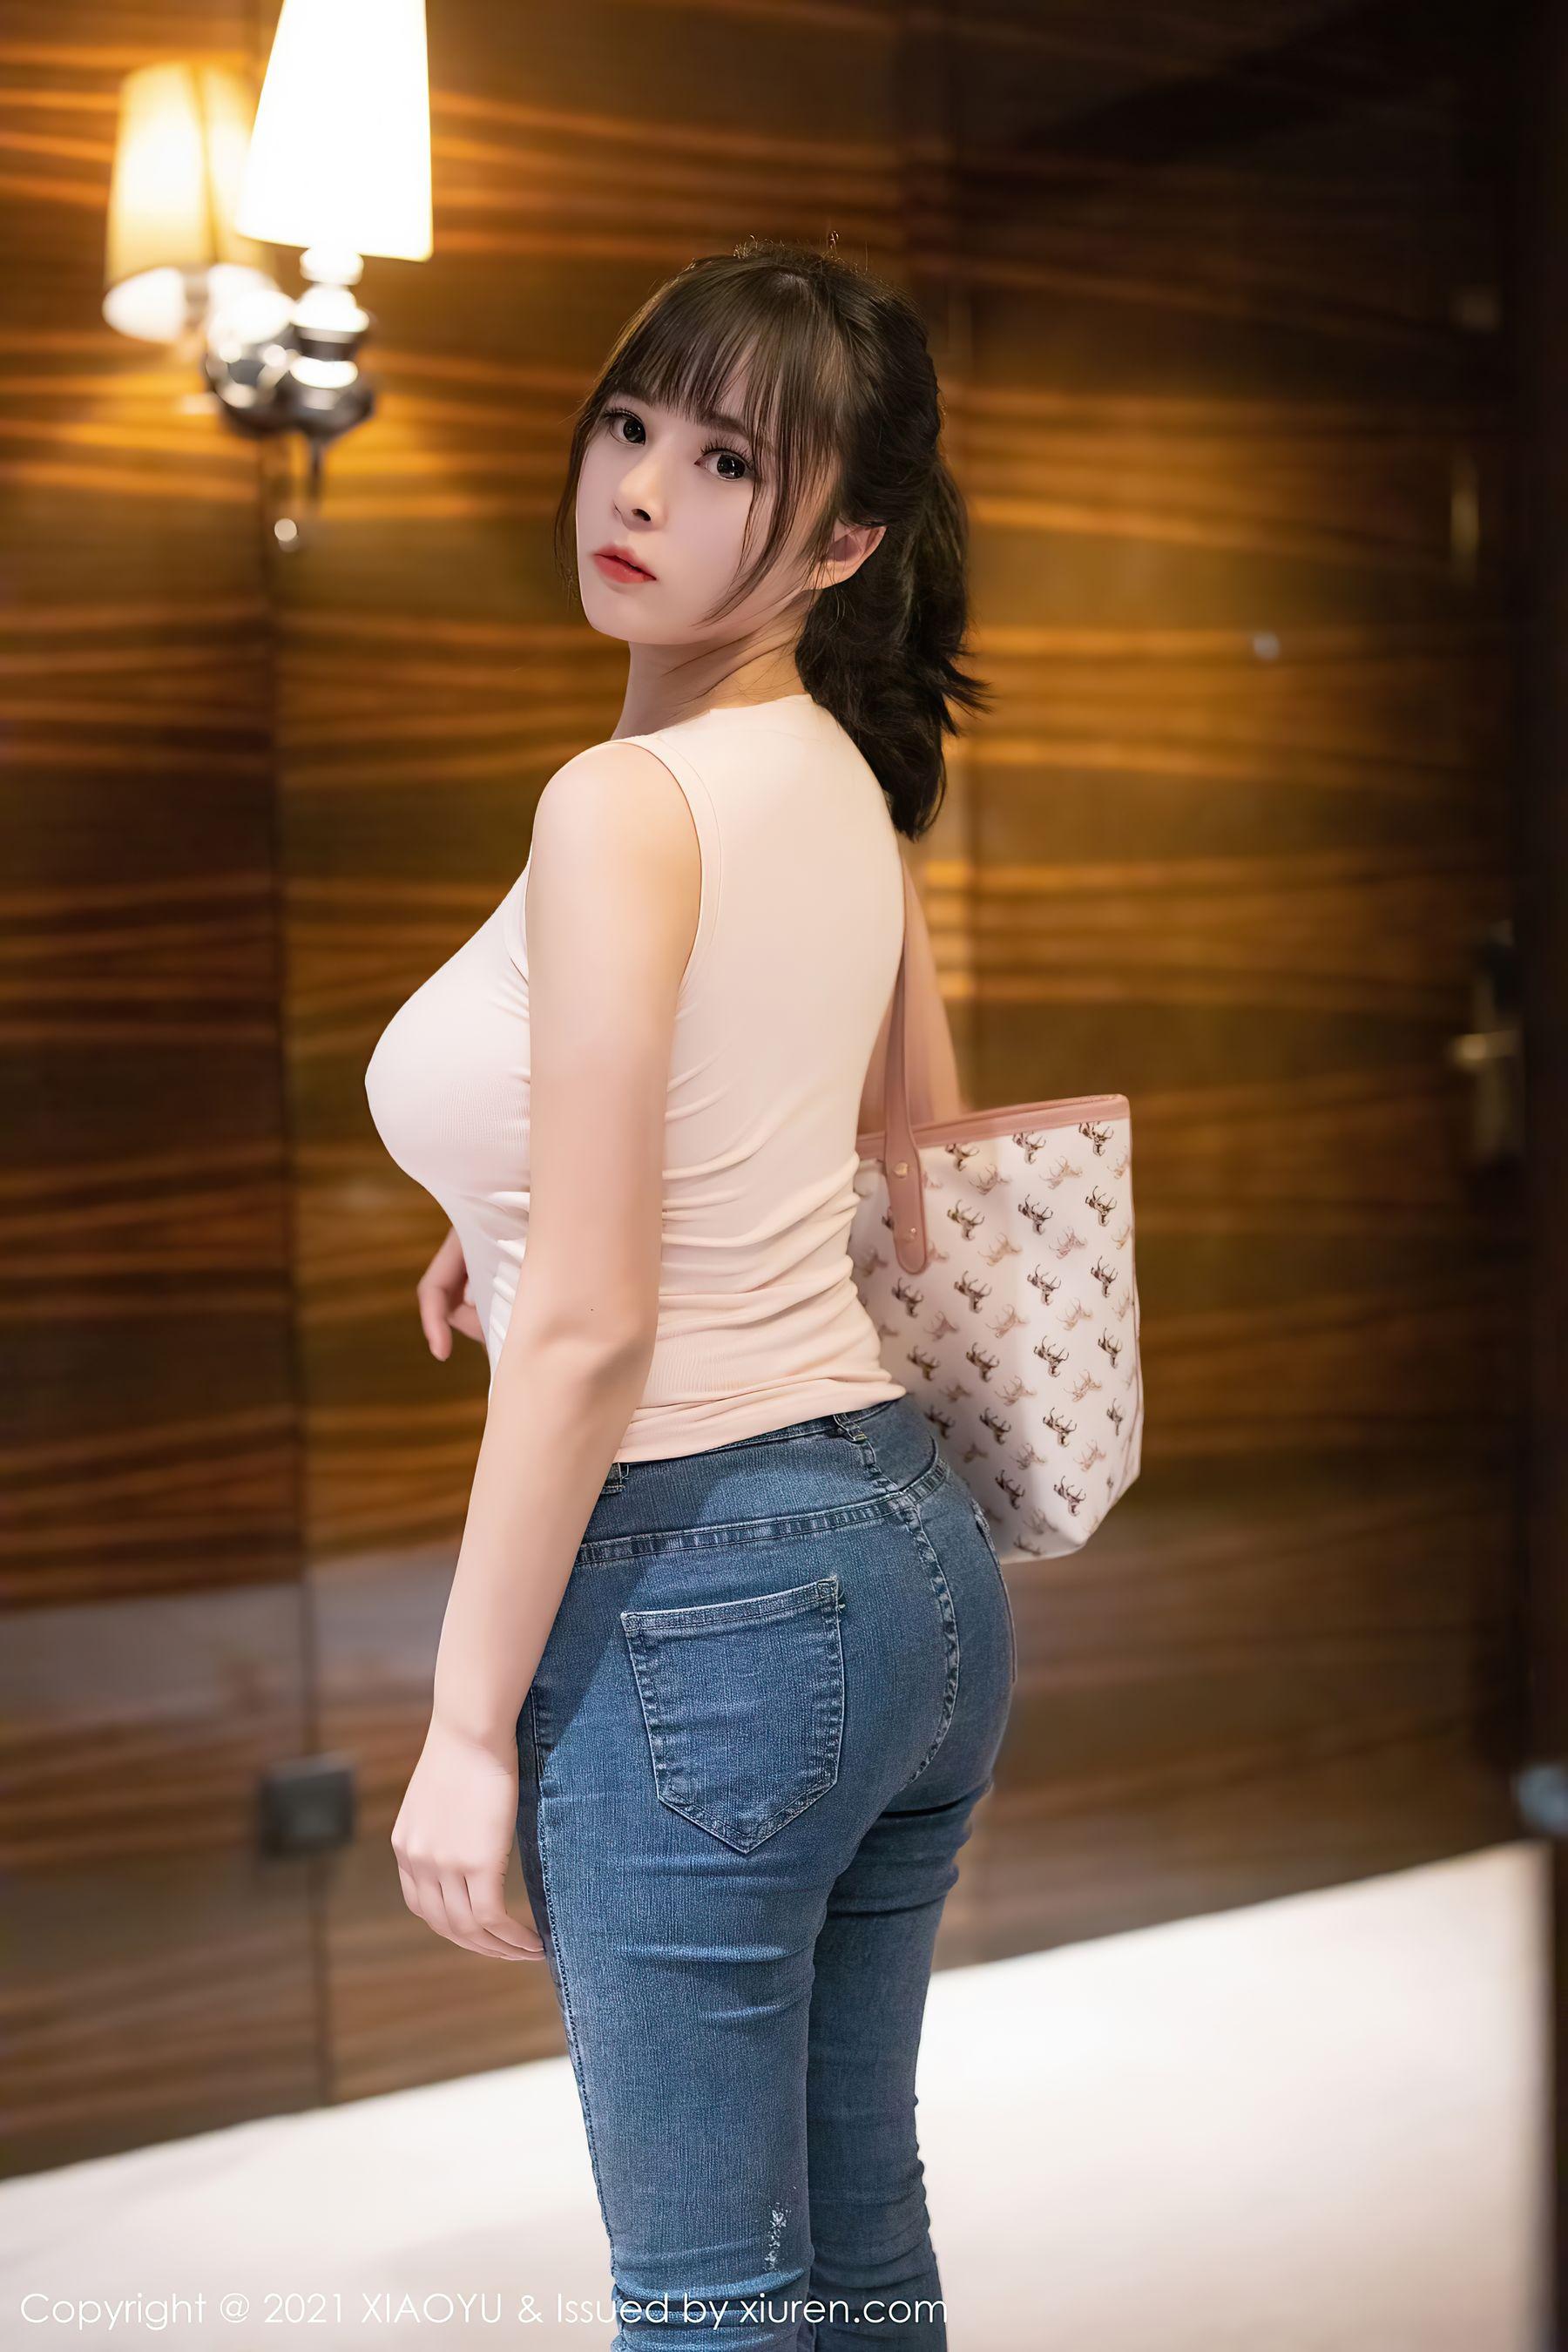 VOL.822 [语画界]牛仔翘臀巨乳紧身裤:奈沐子超高清写真套图(70P)